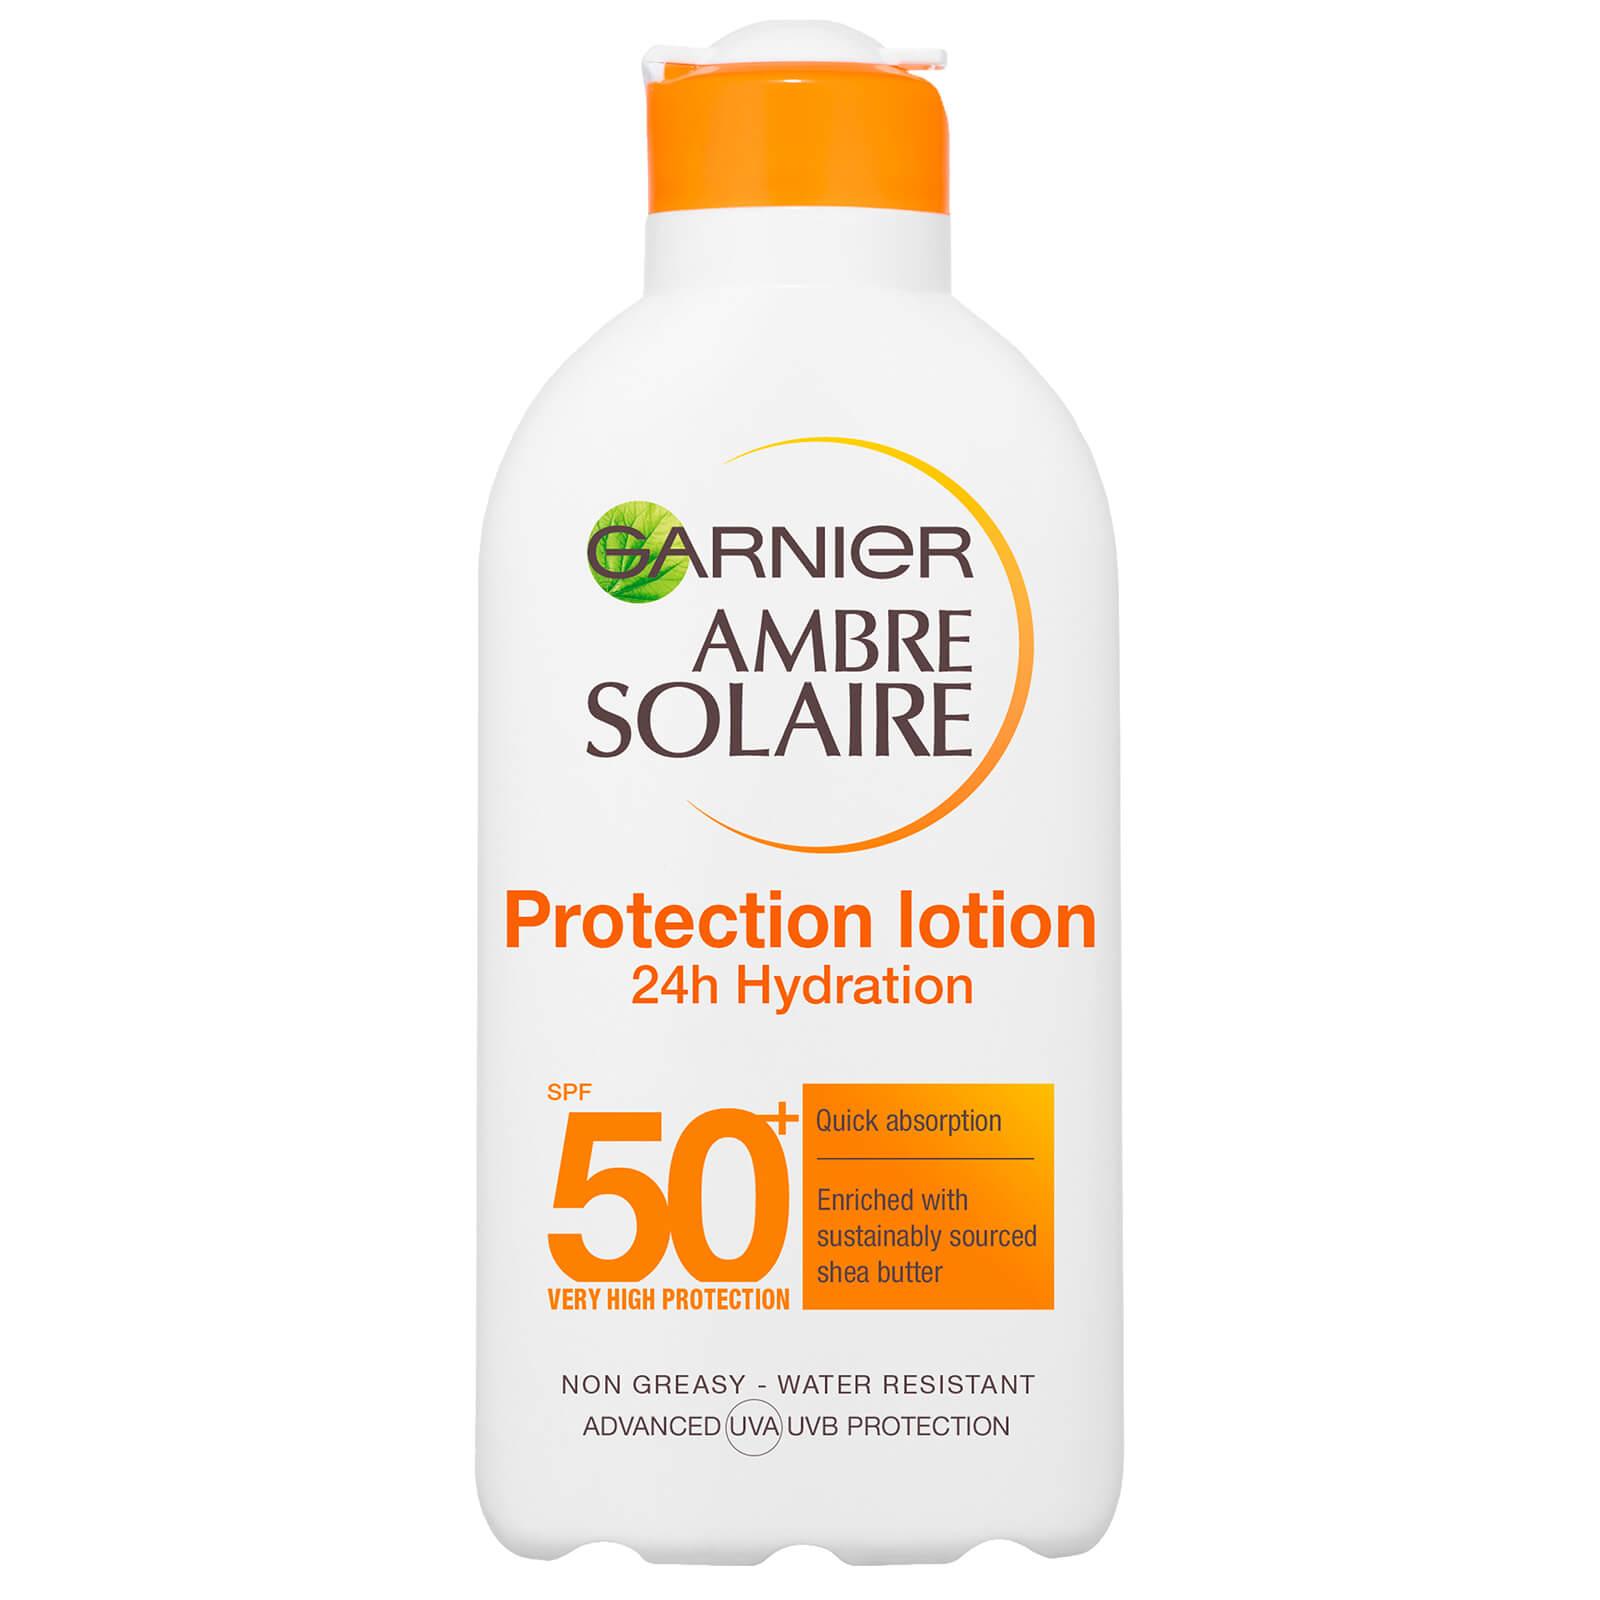 garnier ambre solaire milk spf50 vitamin c (7oz)